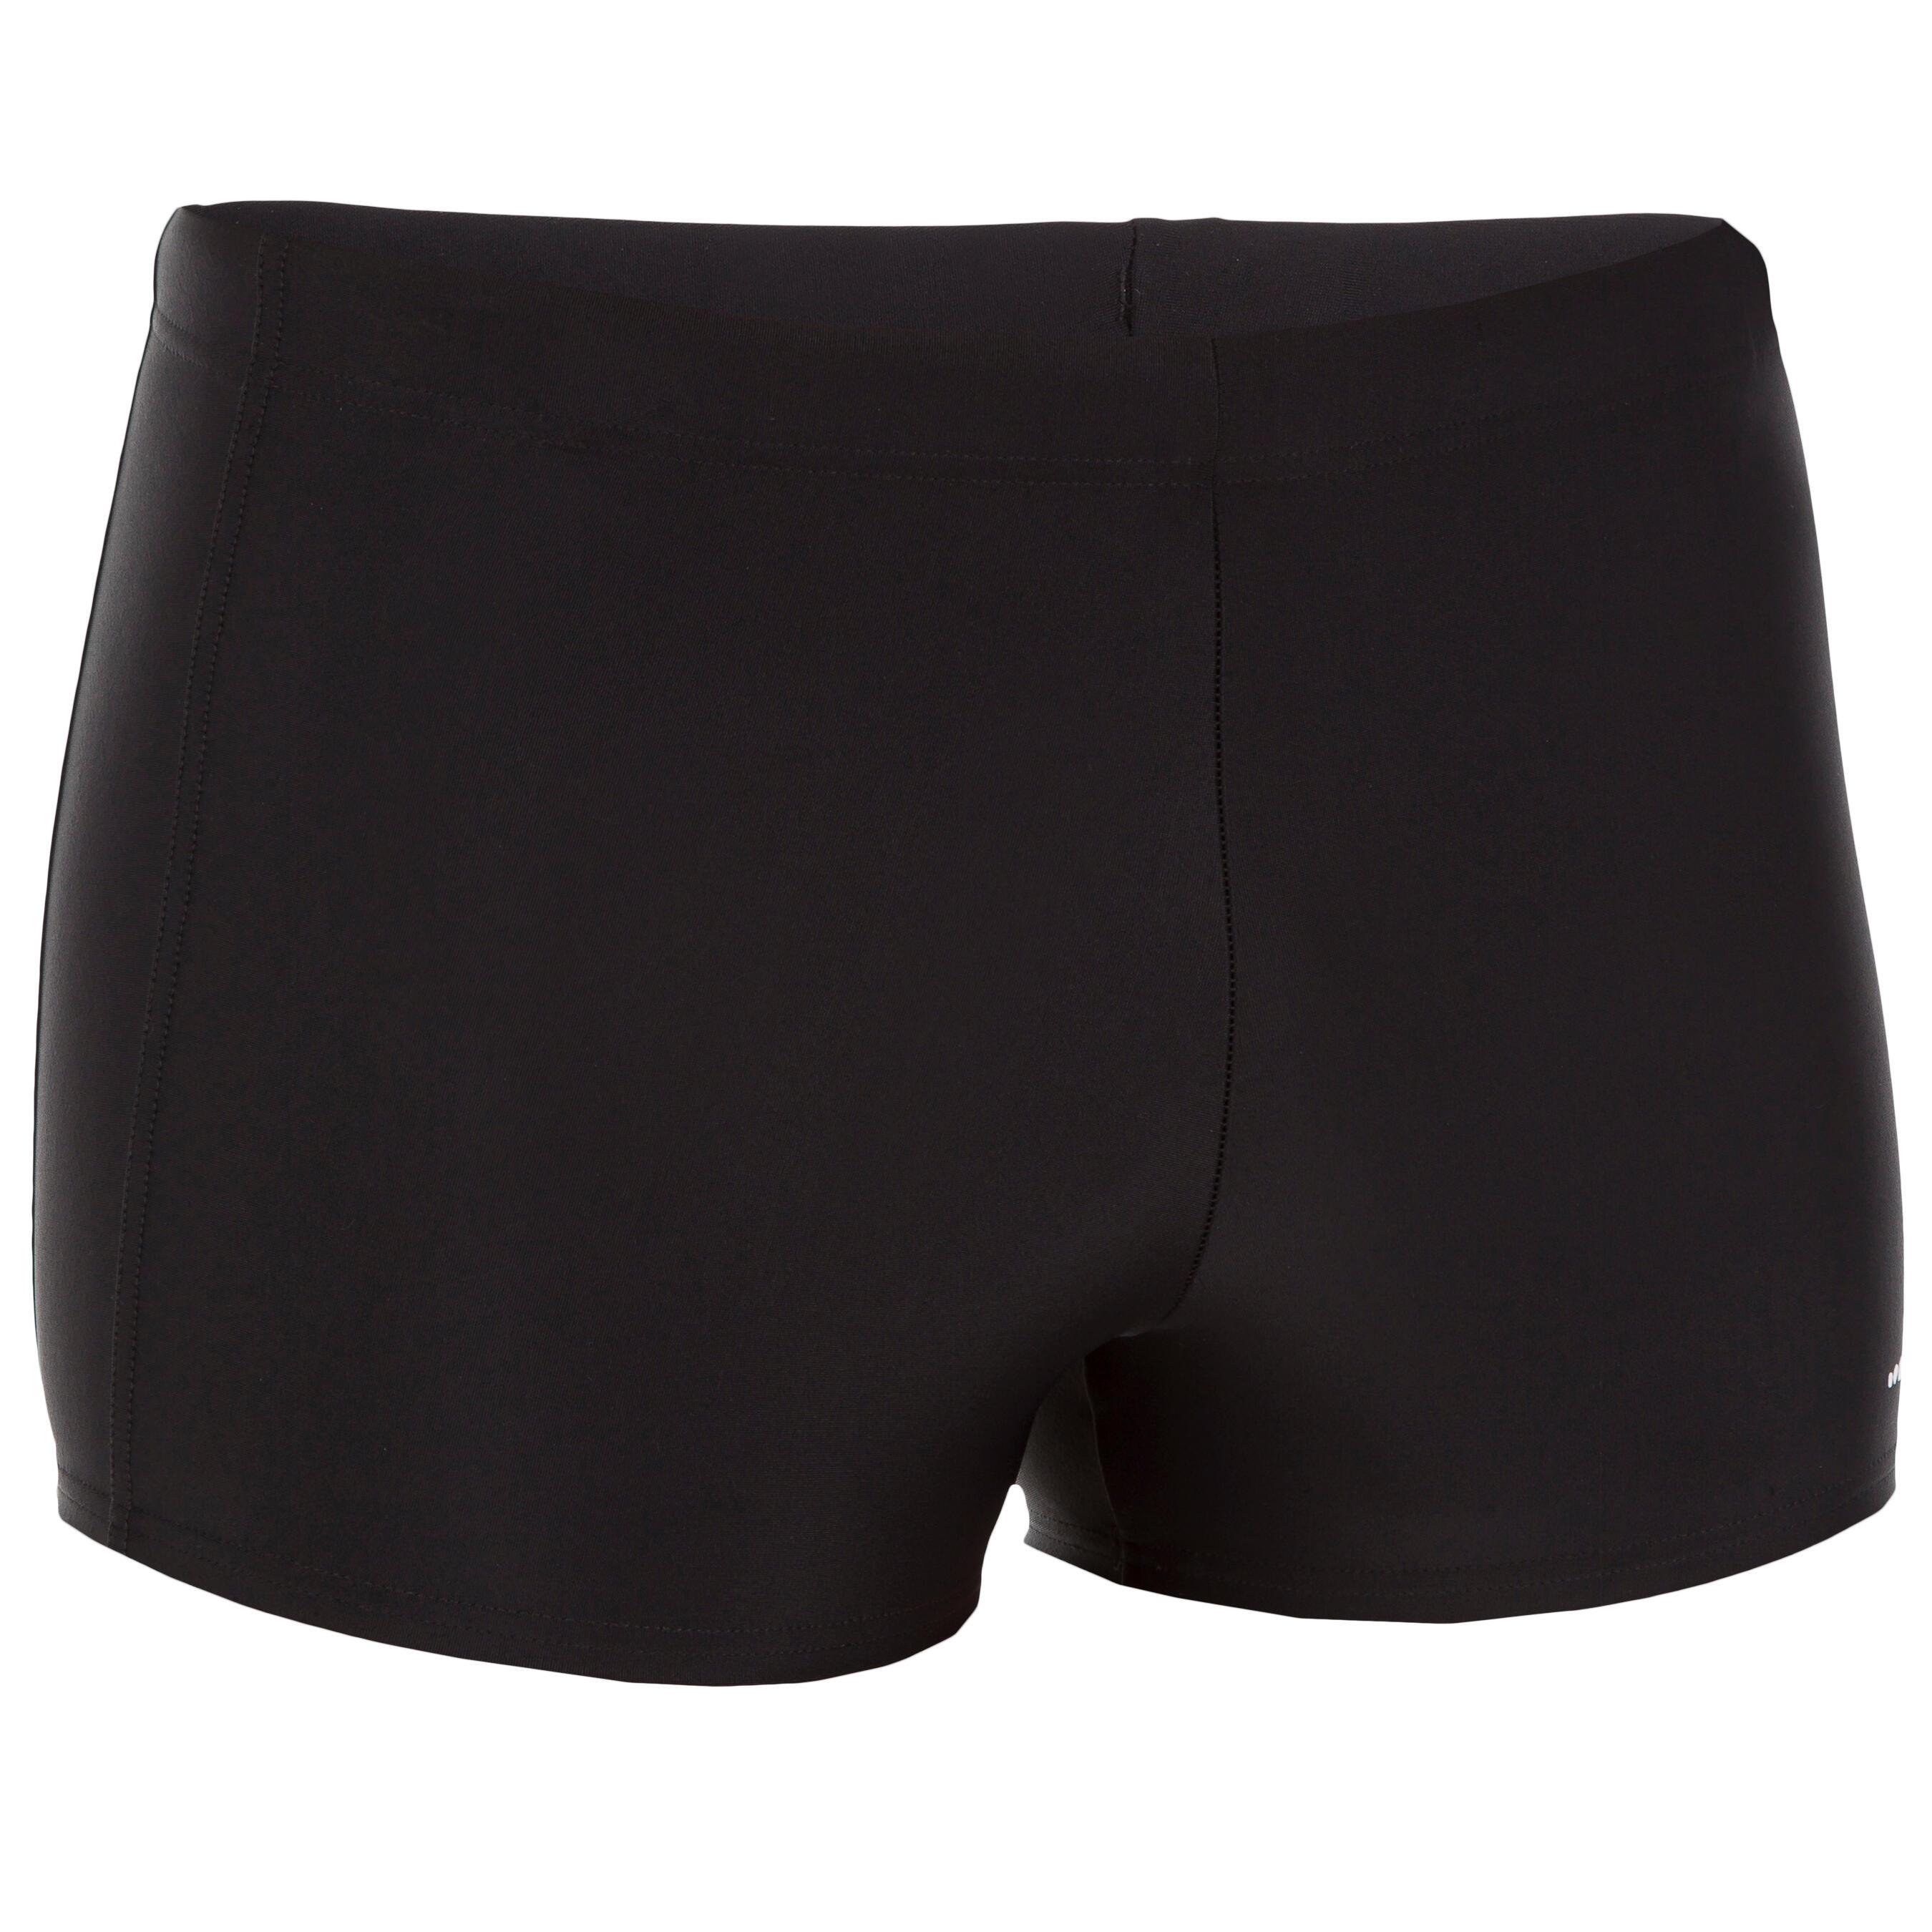 100 PLUS PIP MEN'S BOXER SWIM SHORTS - BLACK